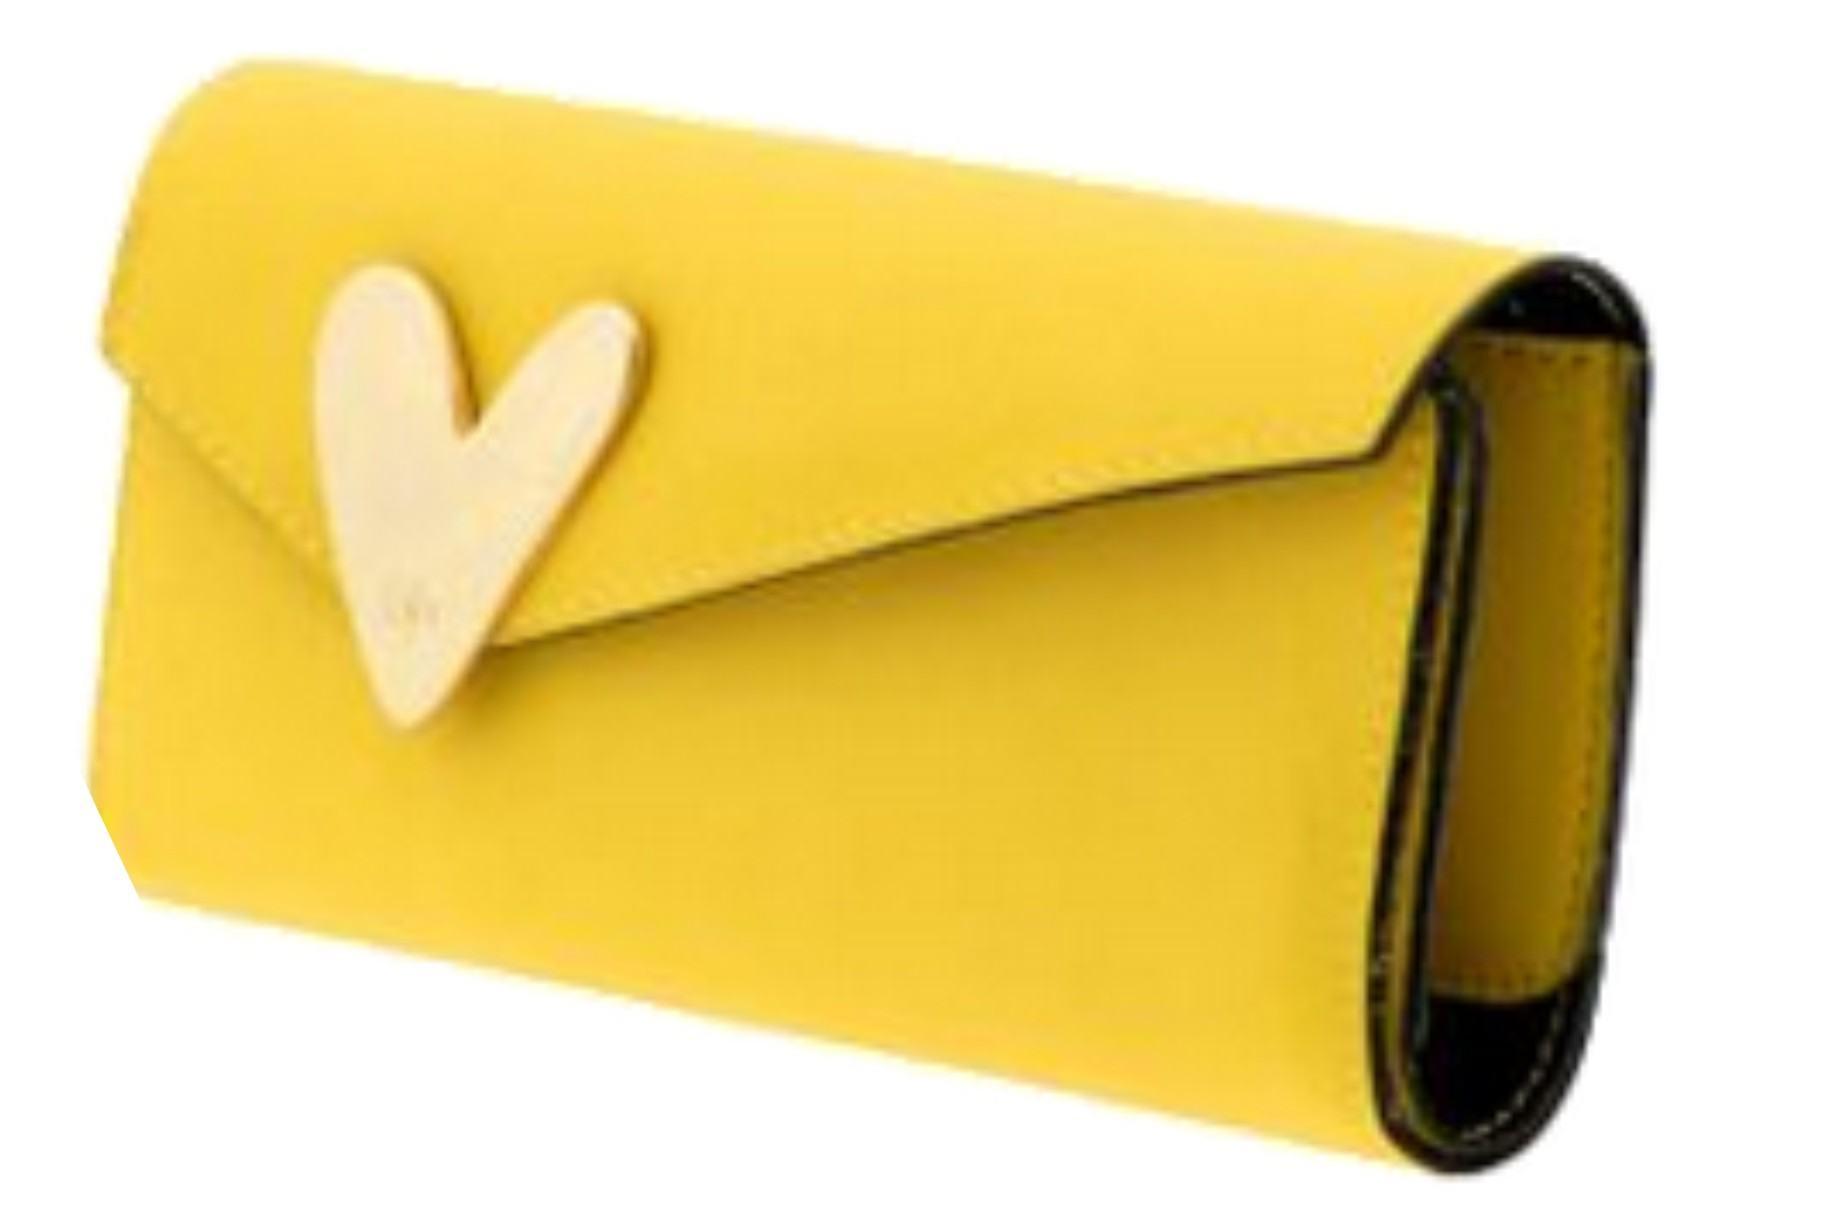 Bolsa De Mão Amarela : Bolsa amarela moda feminina modelos incr?veis decor